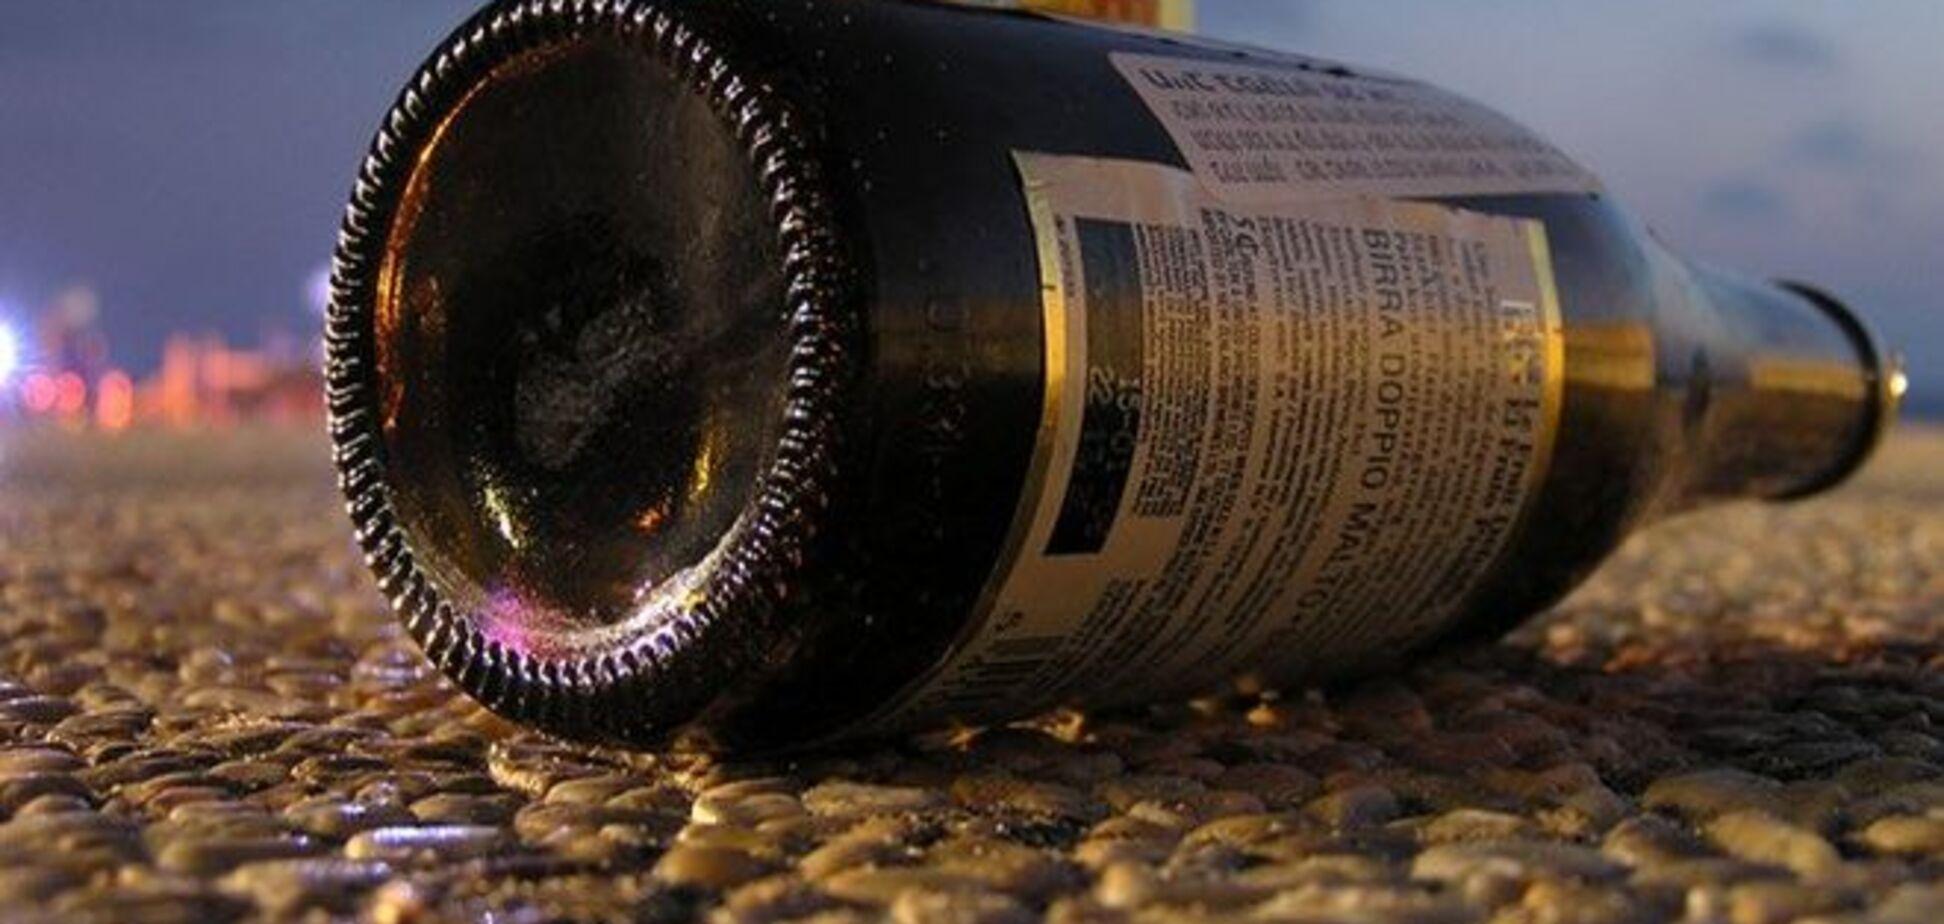 На Донбассе пьяный чиновник избил парня: дело хотят 'замять'